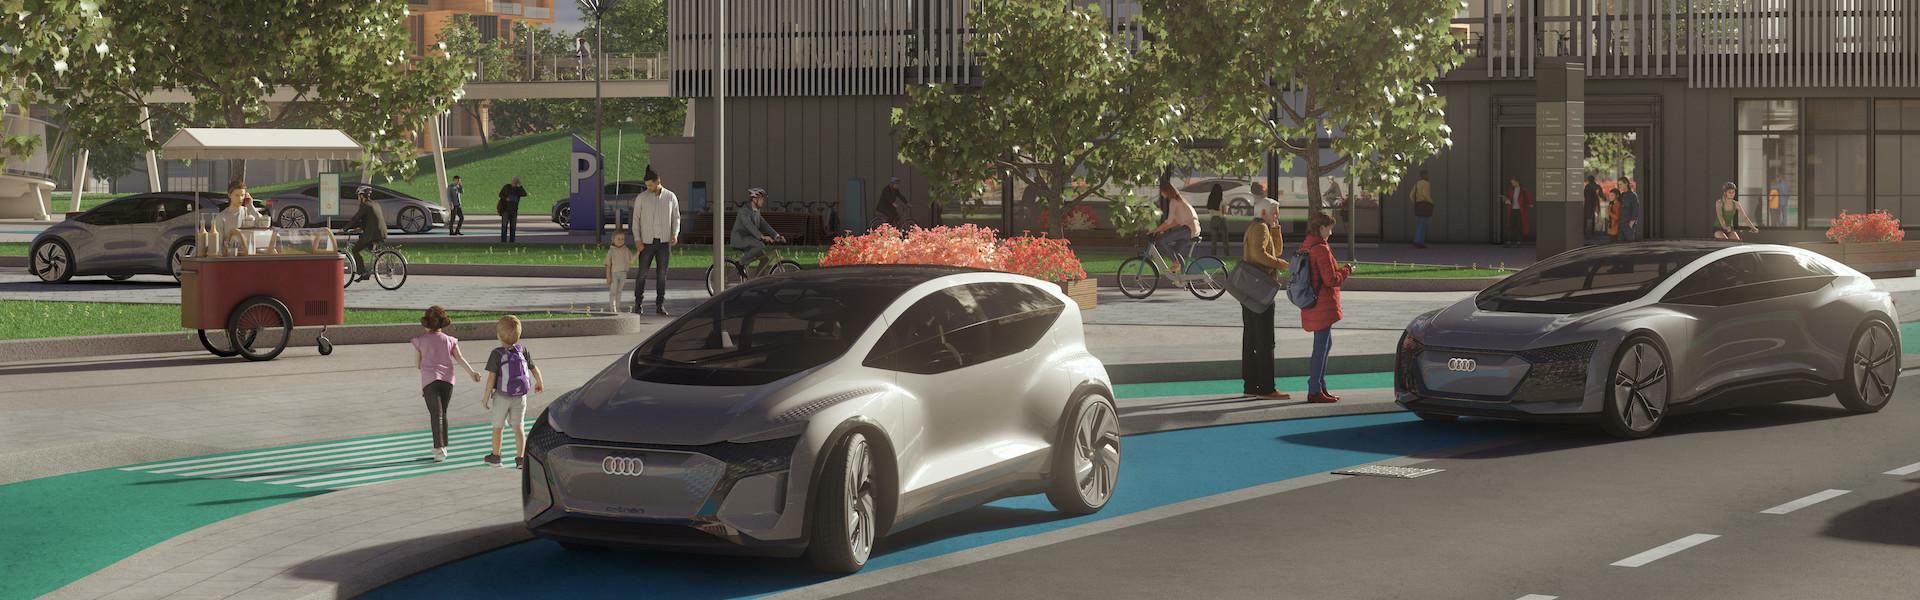 Grafika dveh futurističnih avtomobilov parkiranih ob cesti. V ozadju ljudje v parku